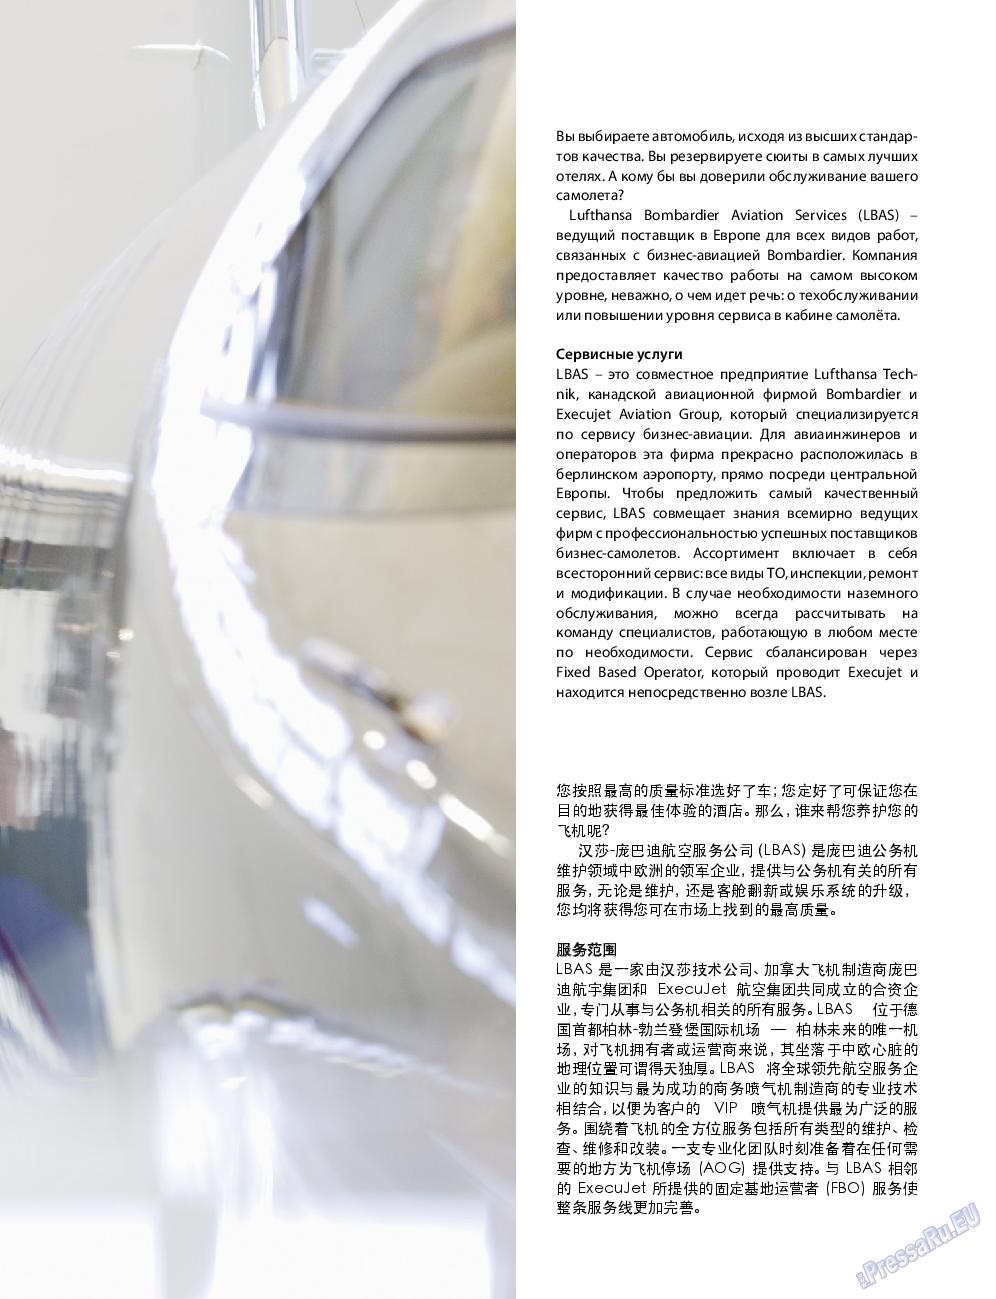 Клан (журнал). 2012 год, номер 3, стр. 71